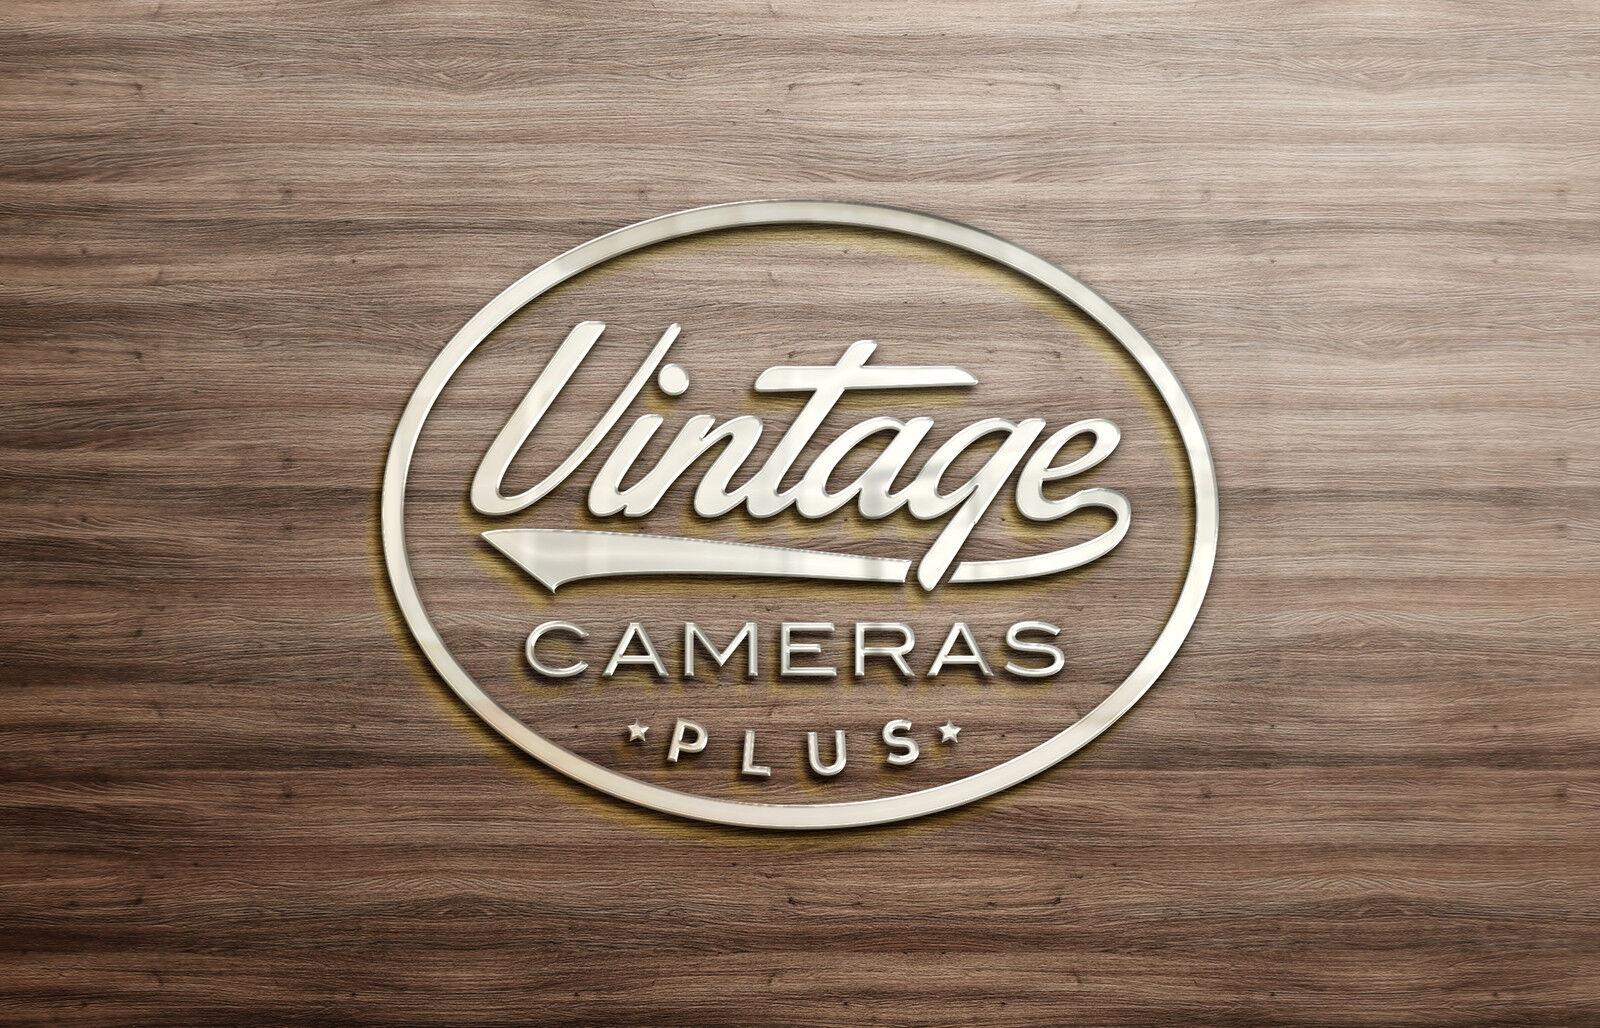 Vintage Cameras Plus